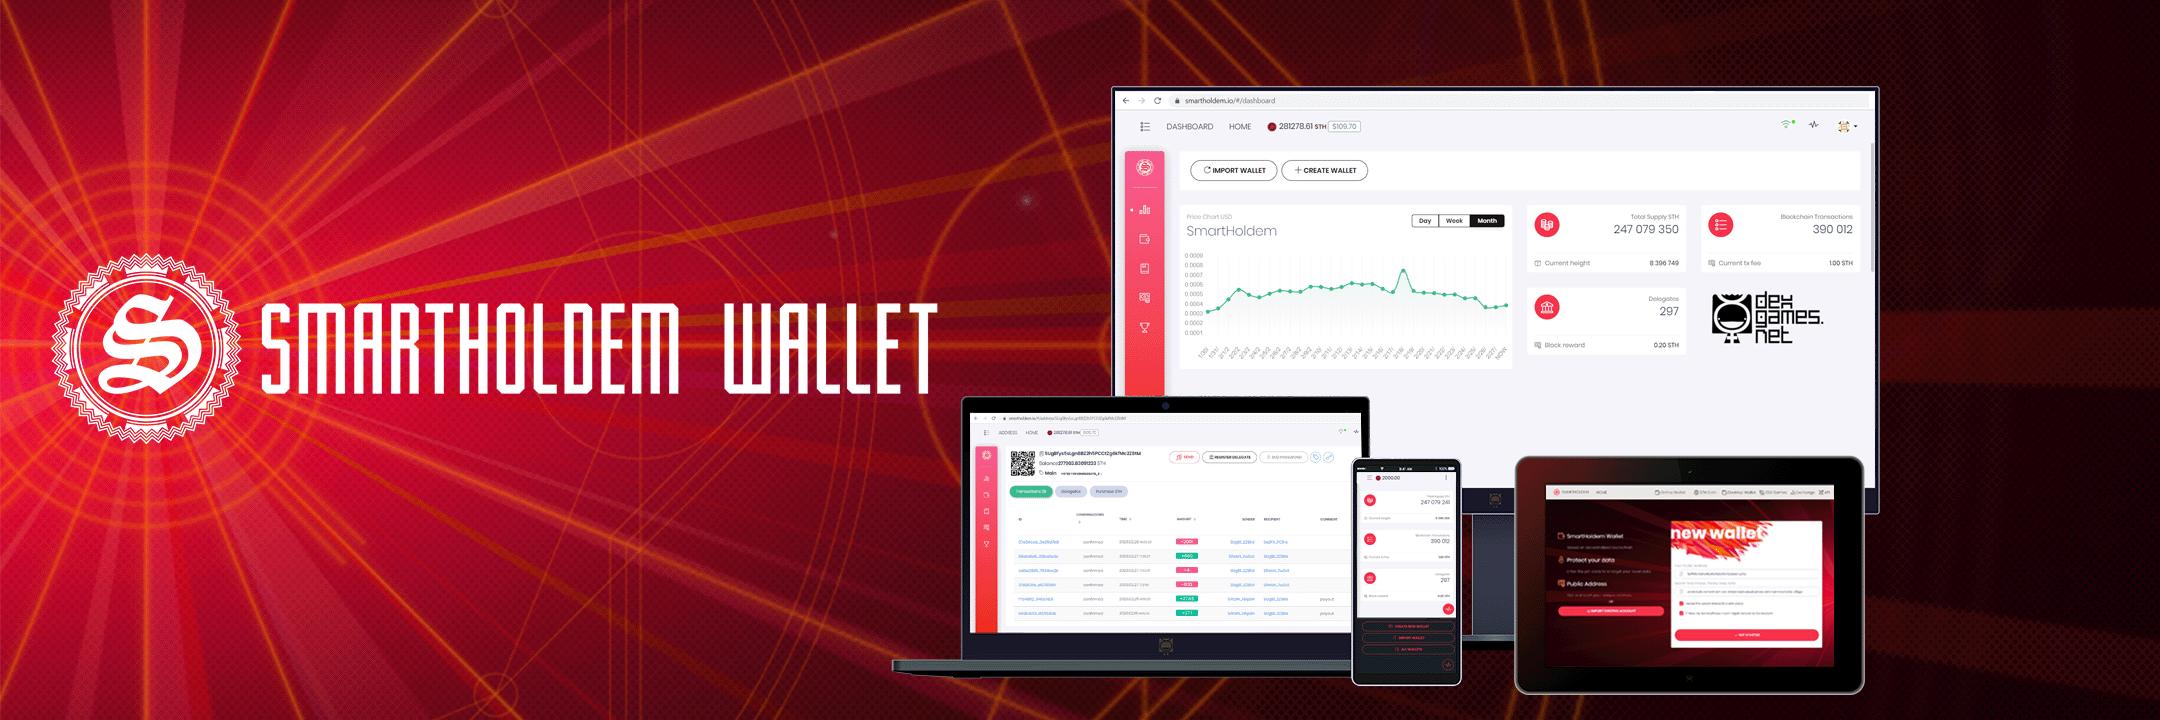 SmartHoldem Secure Desktop Crypto Wallet banner